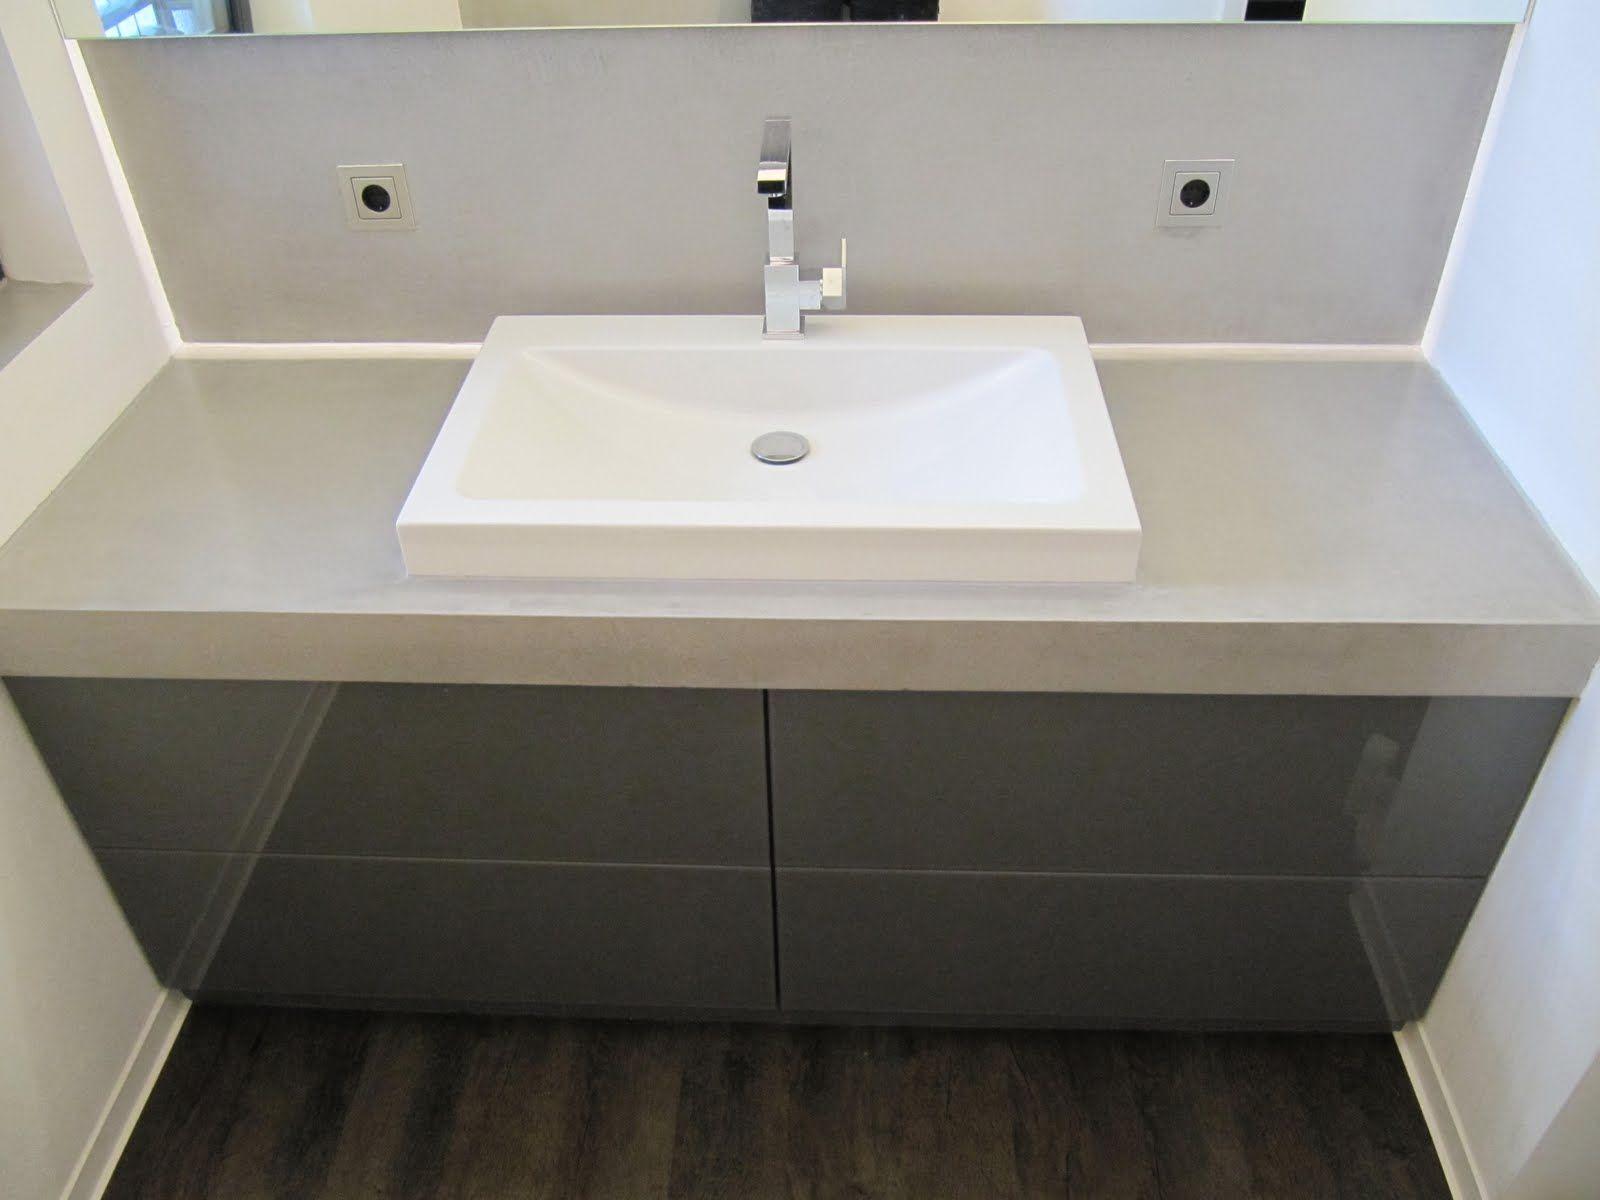 Arbeitsplatte Badezimmer ~ 283 besten badezimmer bilder auf pinterest badezimmer halbes